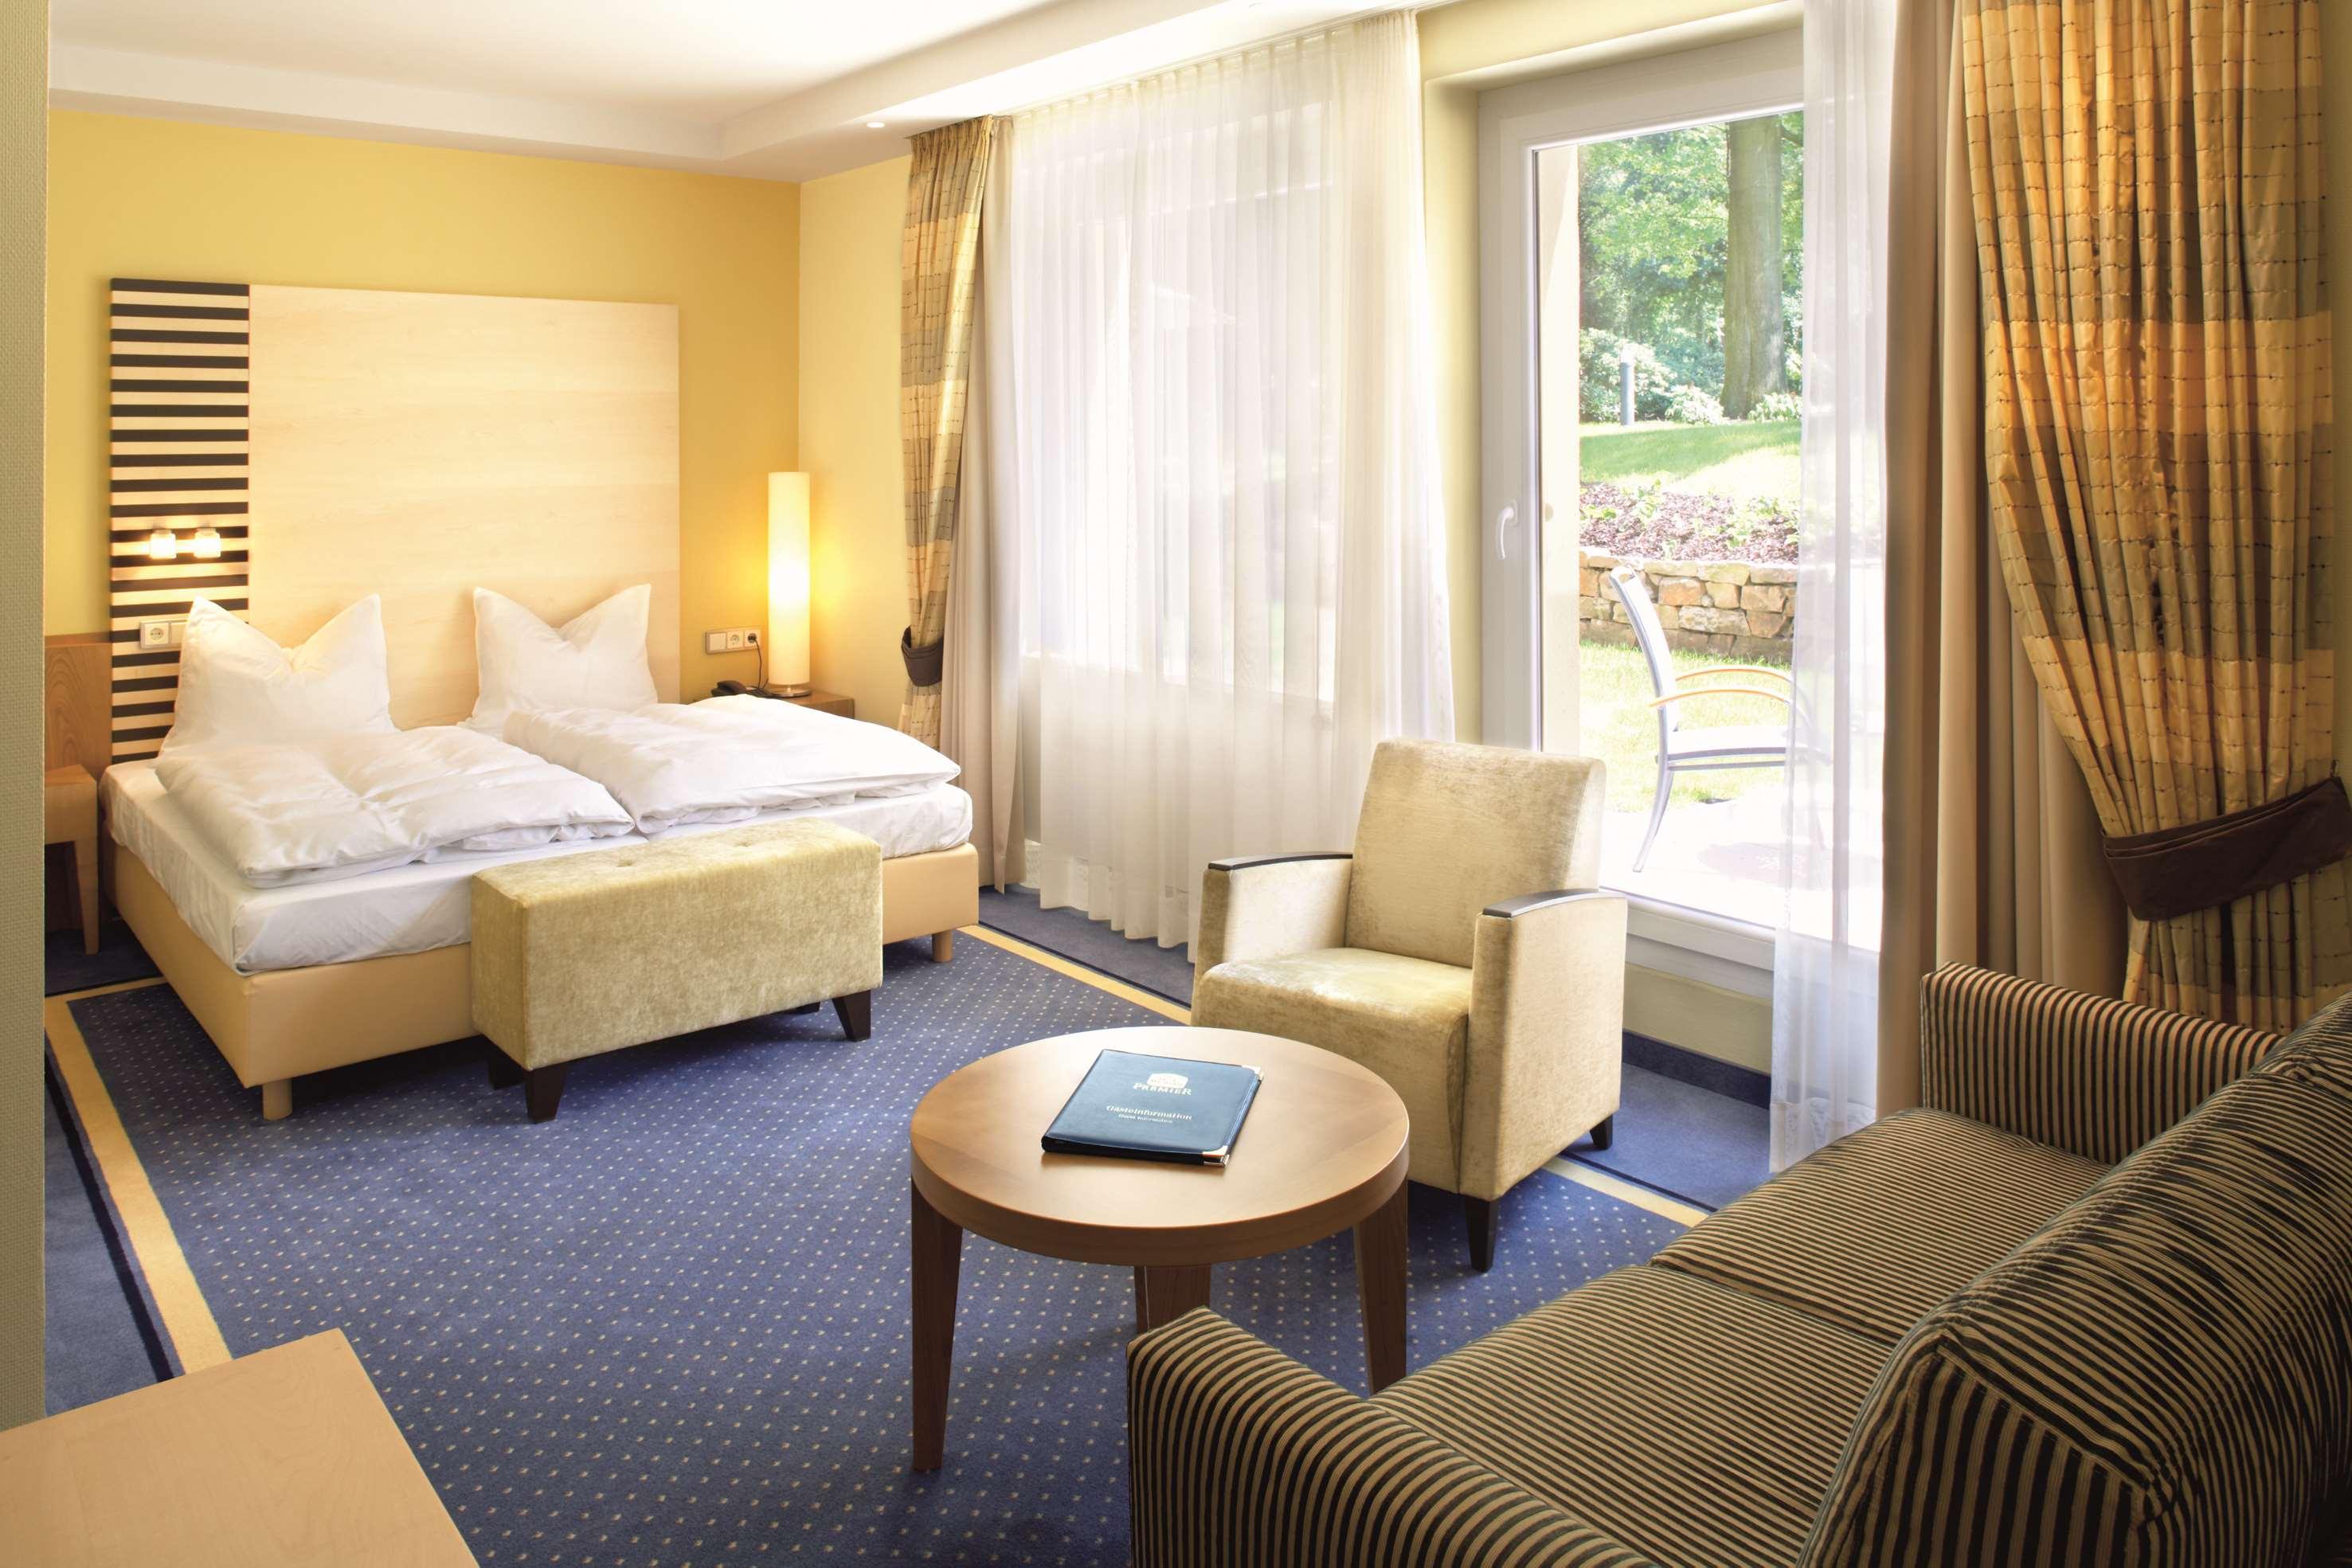 Bad Lippspringe Deutschland Hotels